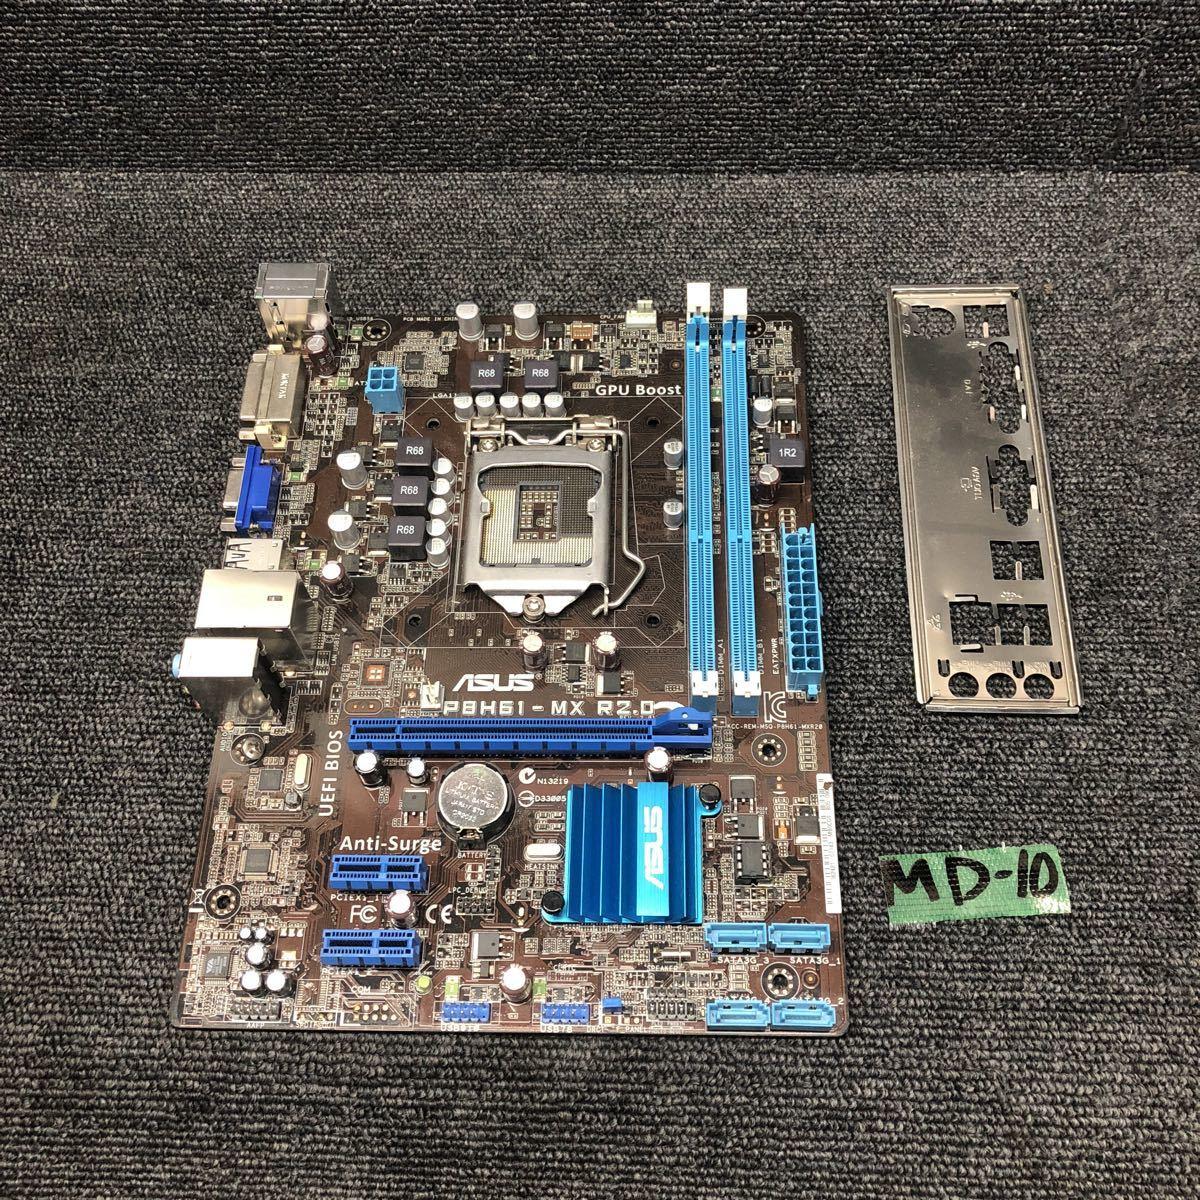 中古】MD-10 激安 デスクトップ マザーボード パネル ASUS P8H61